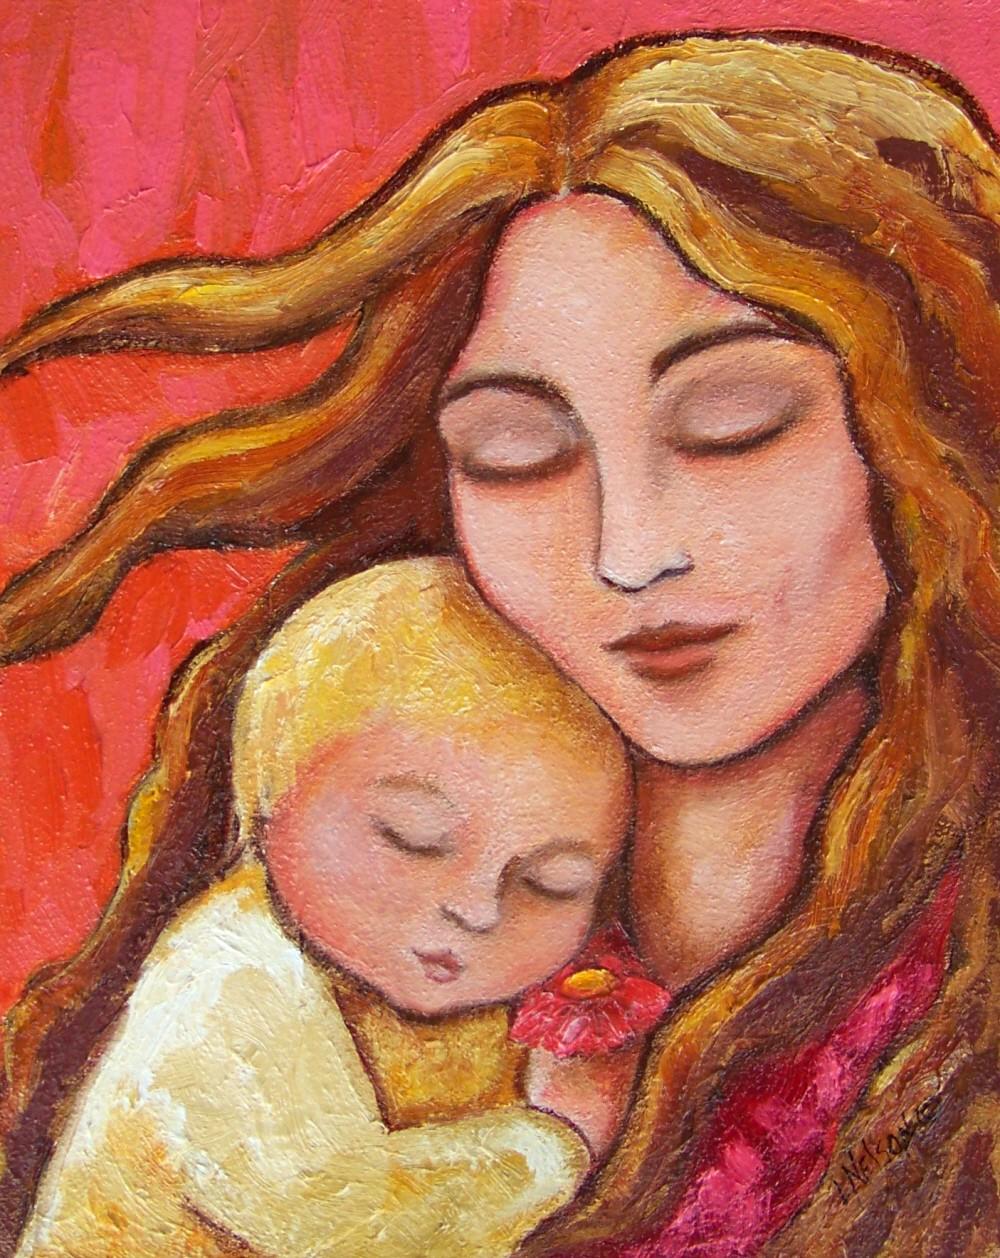 День матери поздравление от администрации всё себе